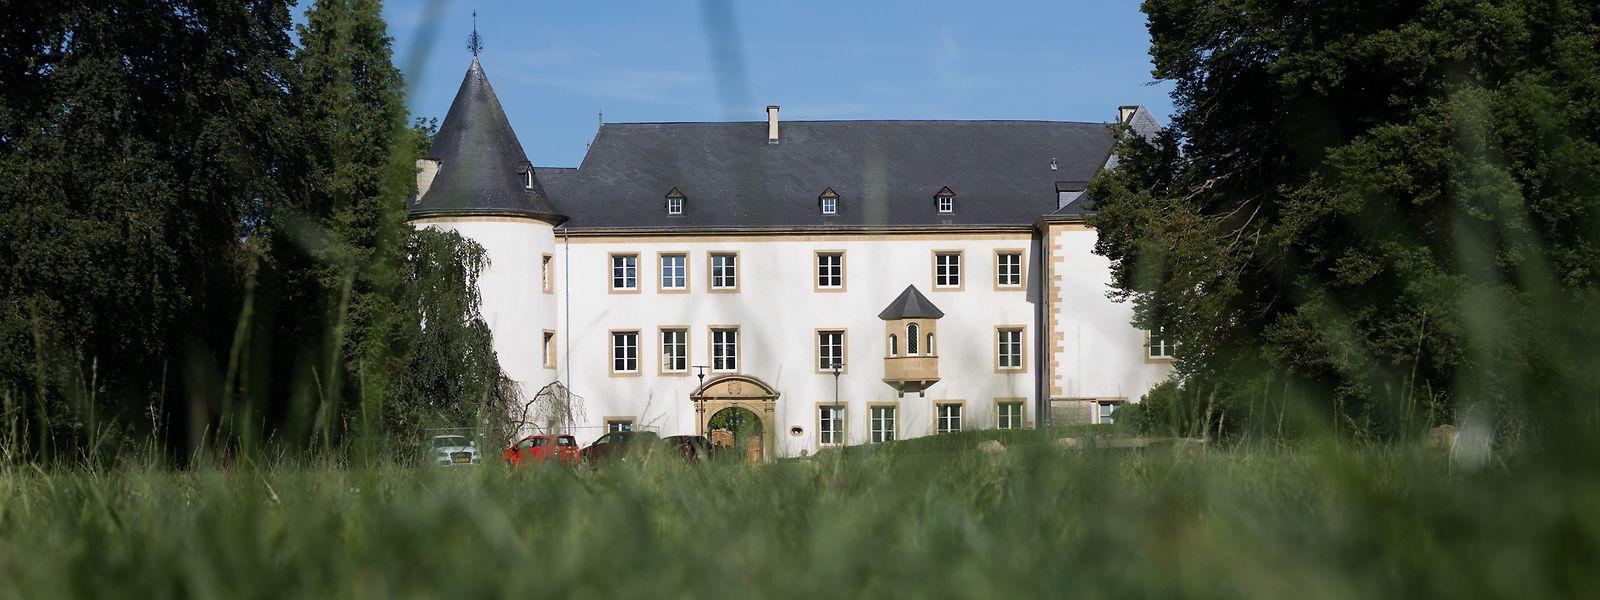 Für die Renovierung des Schlosses ist ein Betrag in zweistelliger Millionenhöhe erforderlich, unter anderem wegen der strengen Auflagen des Denkmalschutzes.